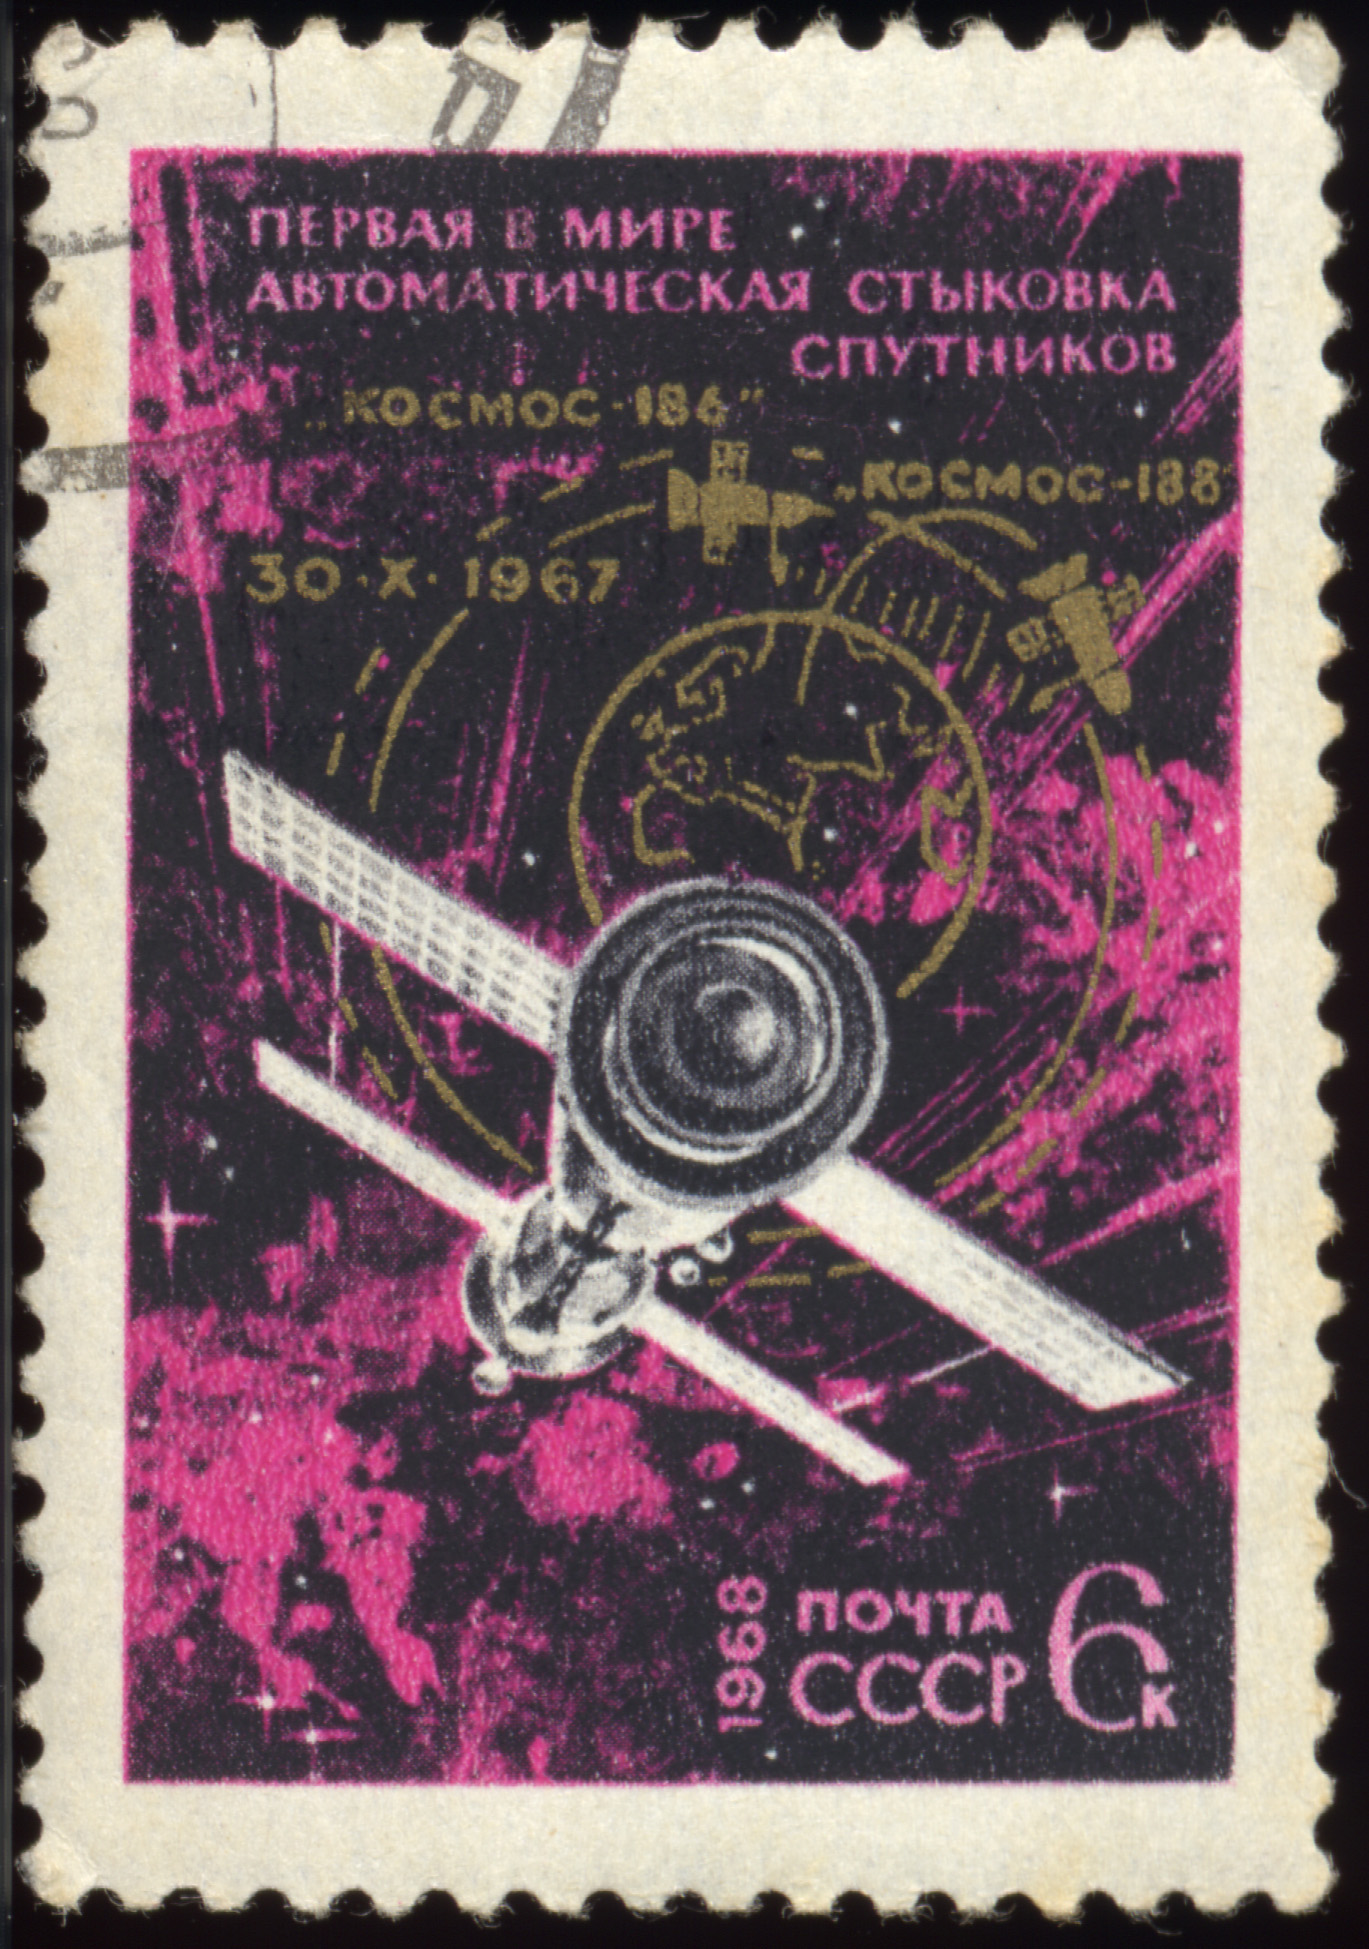 ...830 R3:0,5 Тематика:Космос SeriesInd:3619 Год издания:1968 Месяц издания:3 Название марки:Спутники и схема их...